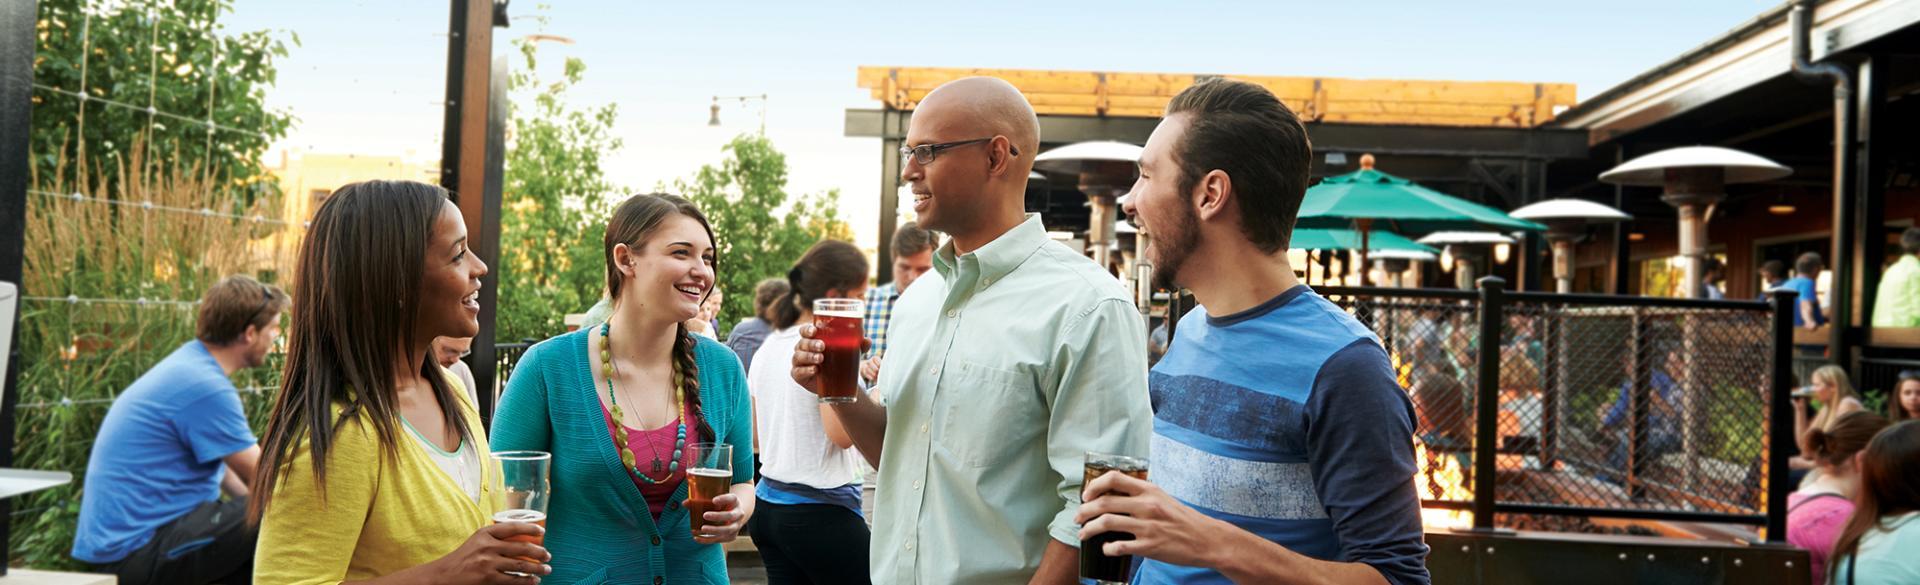 Founders Beer Garden